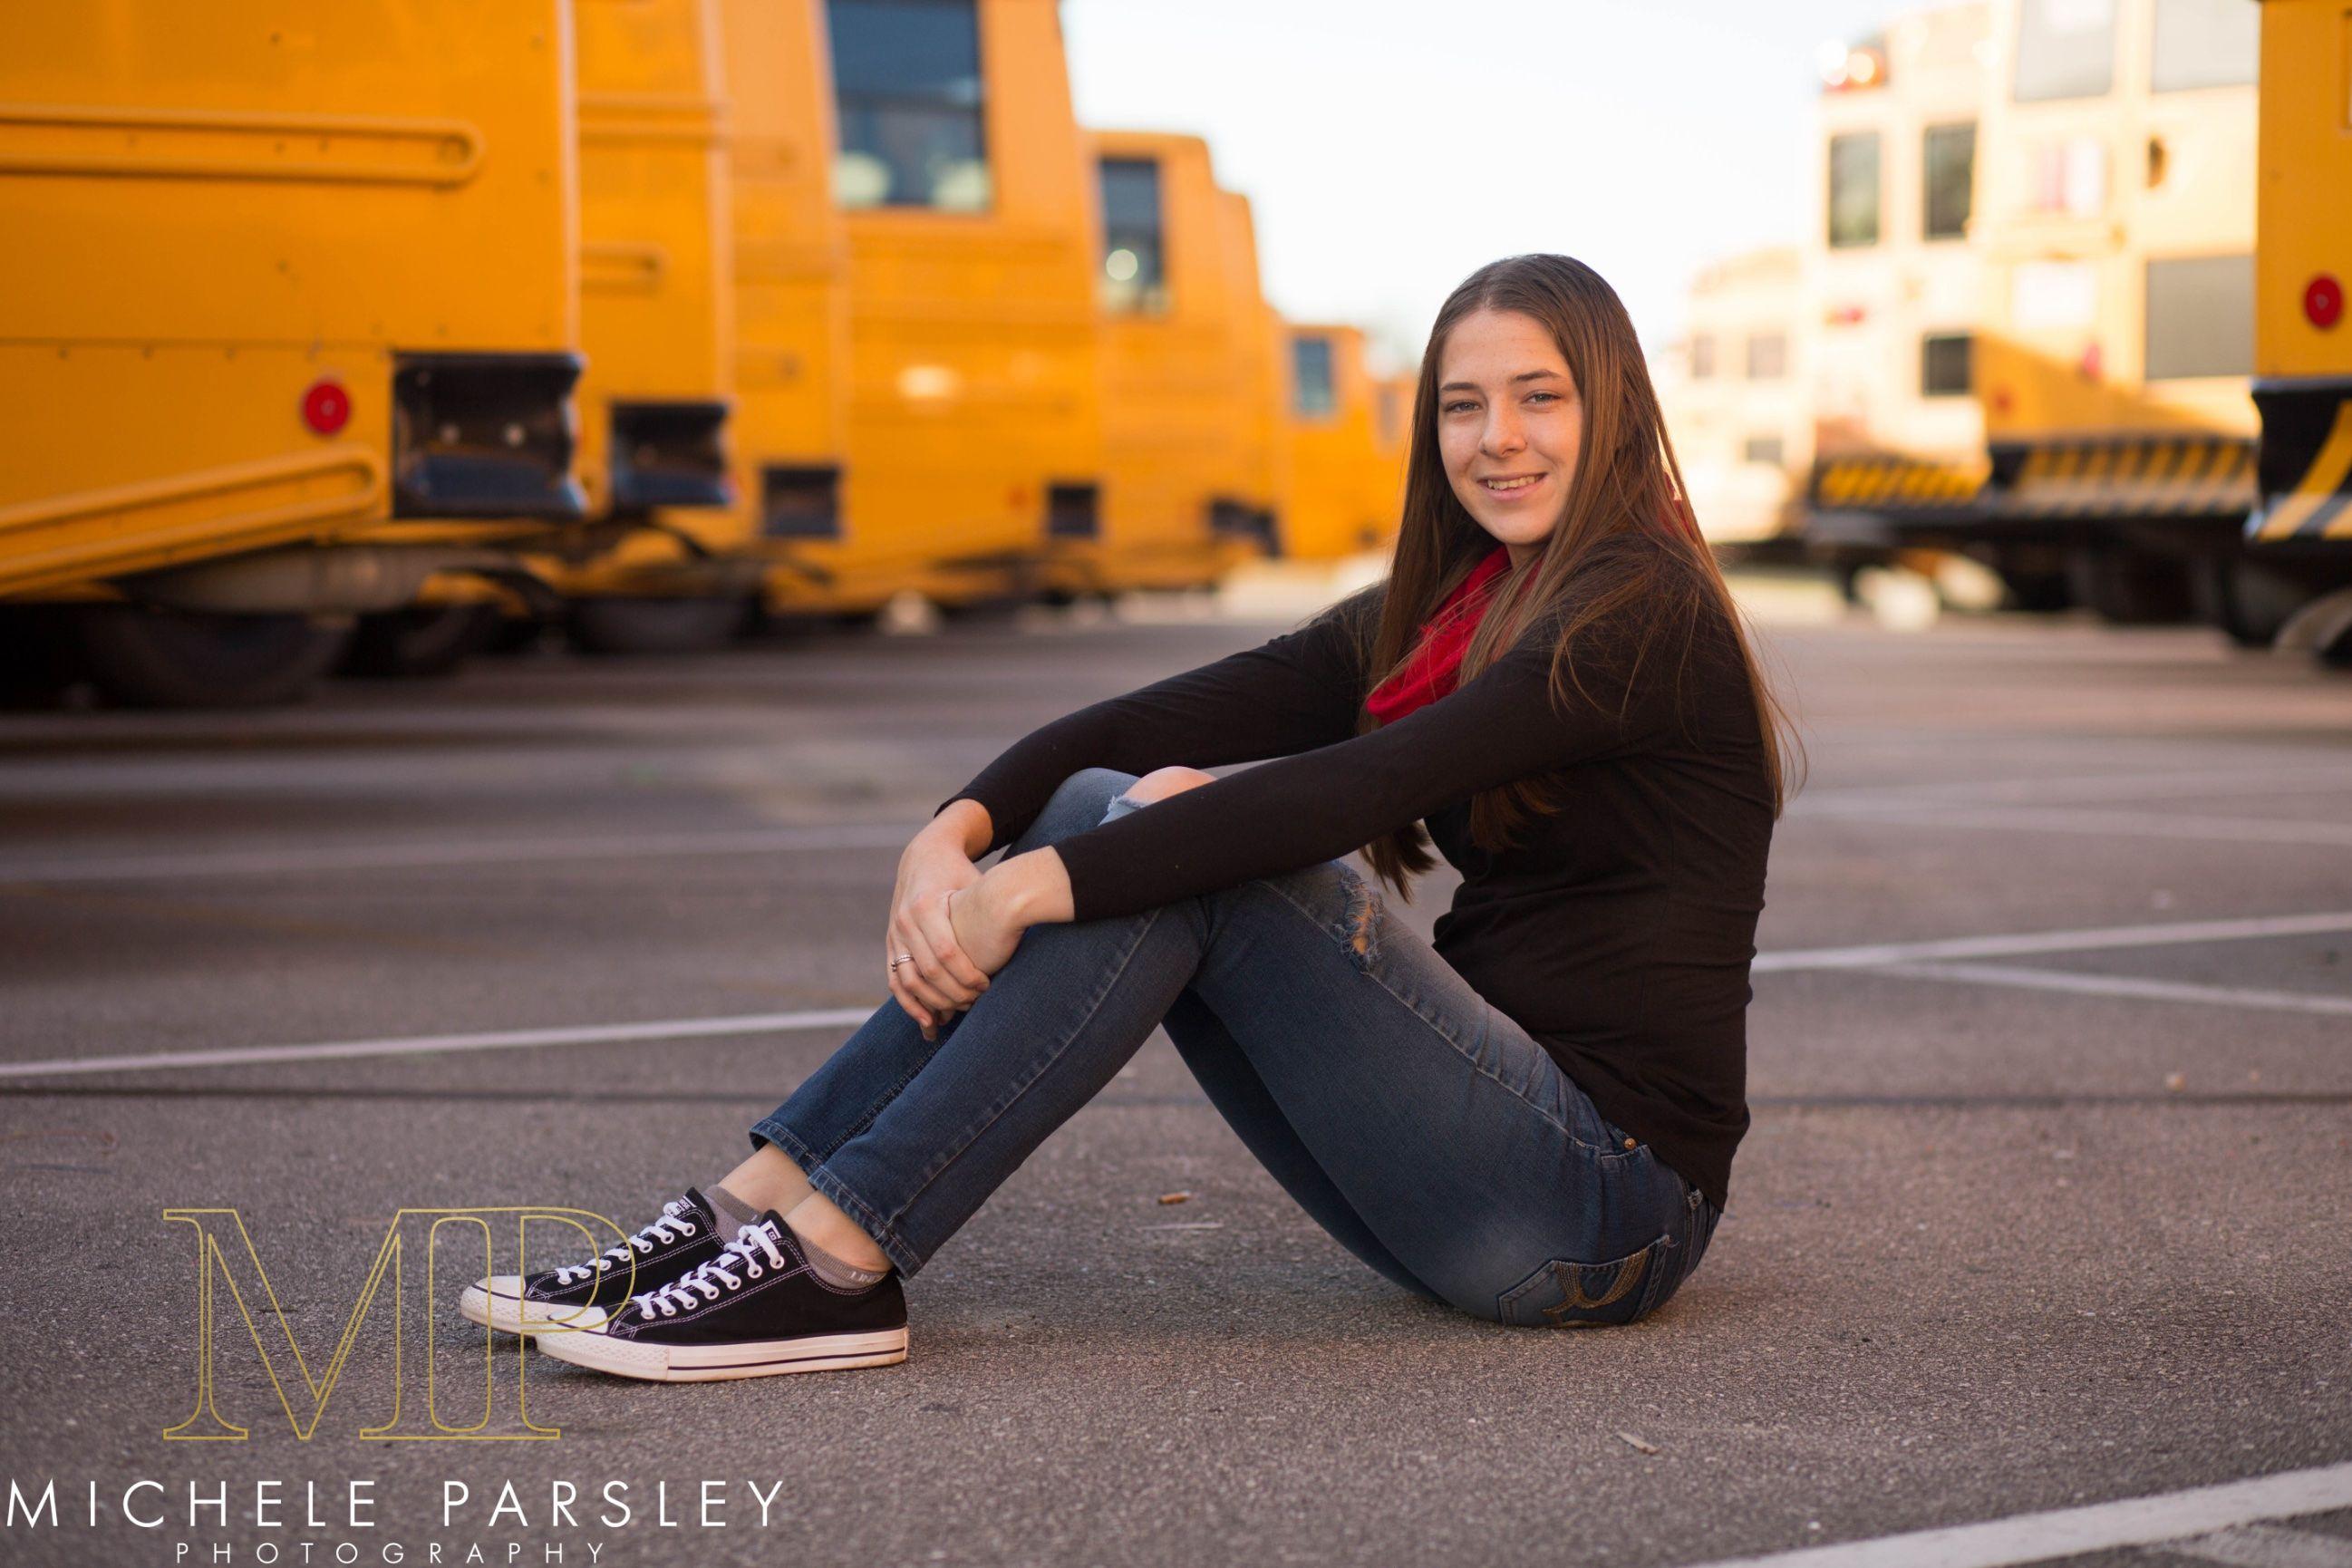 @micheleparsleyphotography